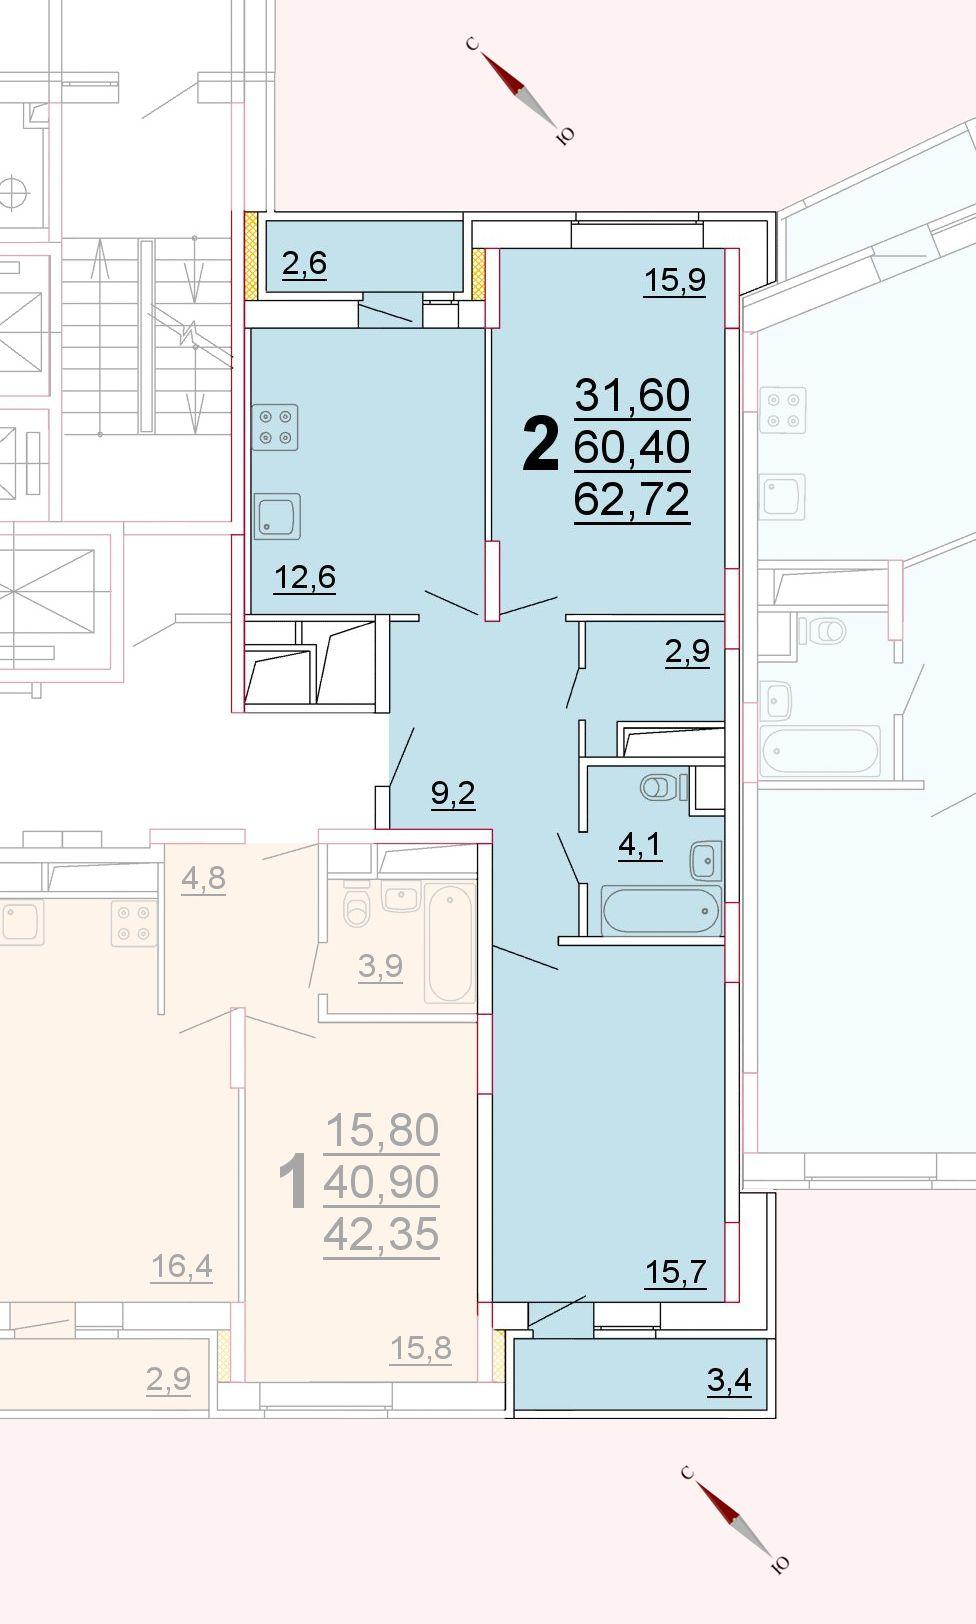 Микрорайон «Центральный», корпус 52г, секция 2, квартира 62,72 м2